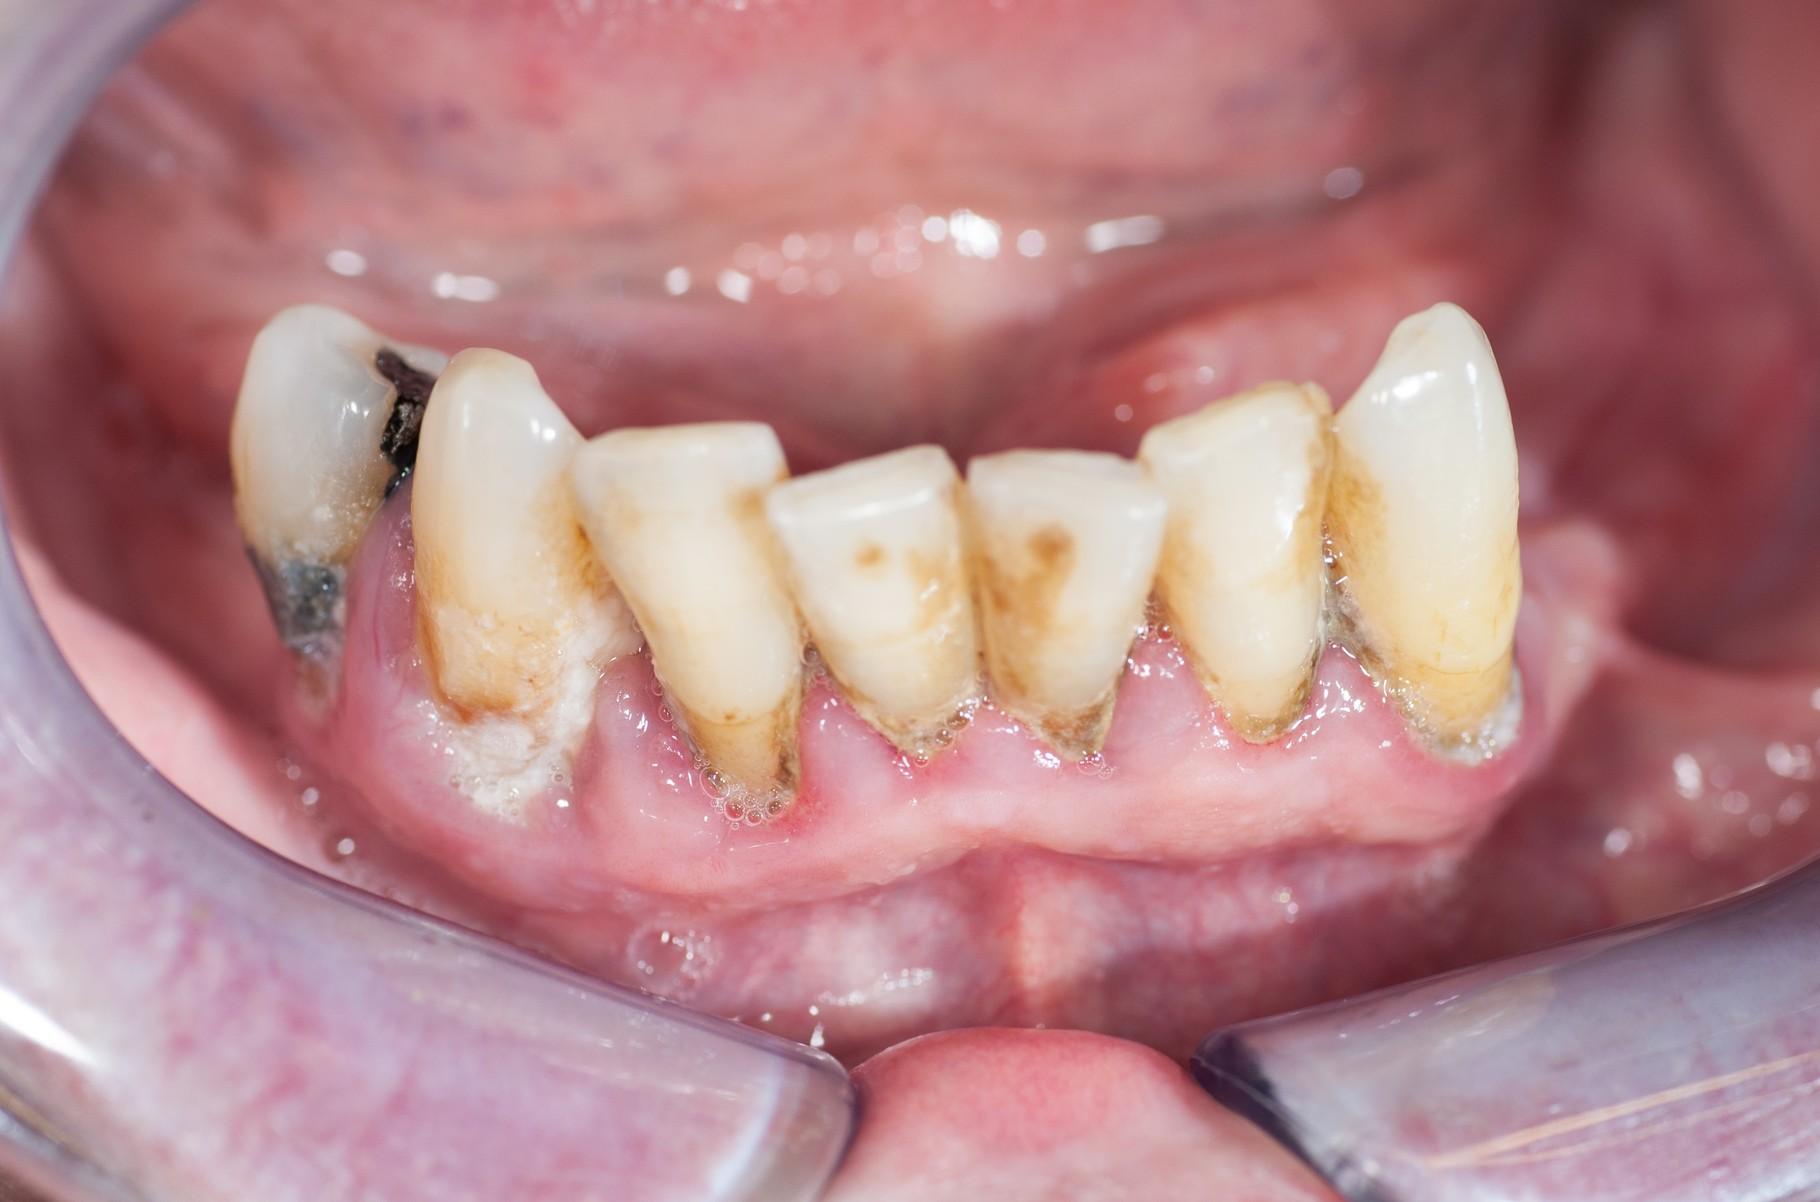 Abb. 2: 10.12.2014 vor PZR/SRP; Blutung auf Sondieren an allen Zähnen, BOP an 4 Stellen p. Zahn, Lockerungsgrad 2-3